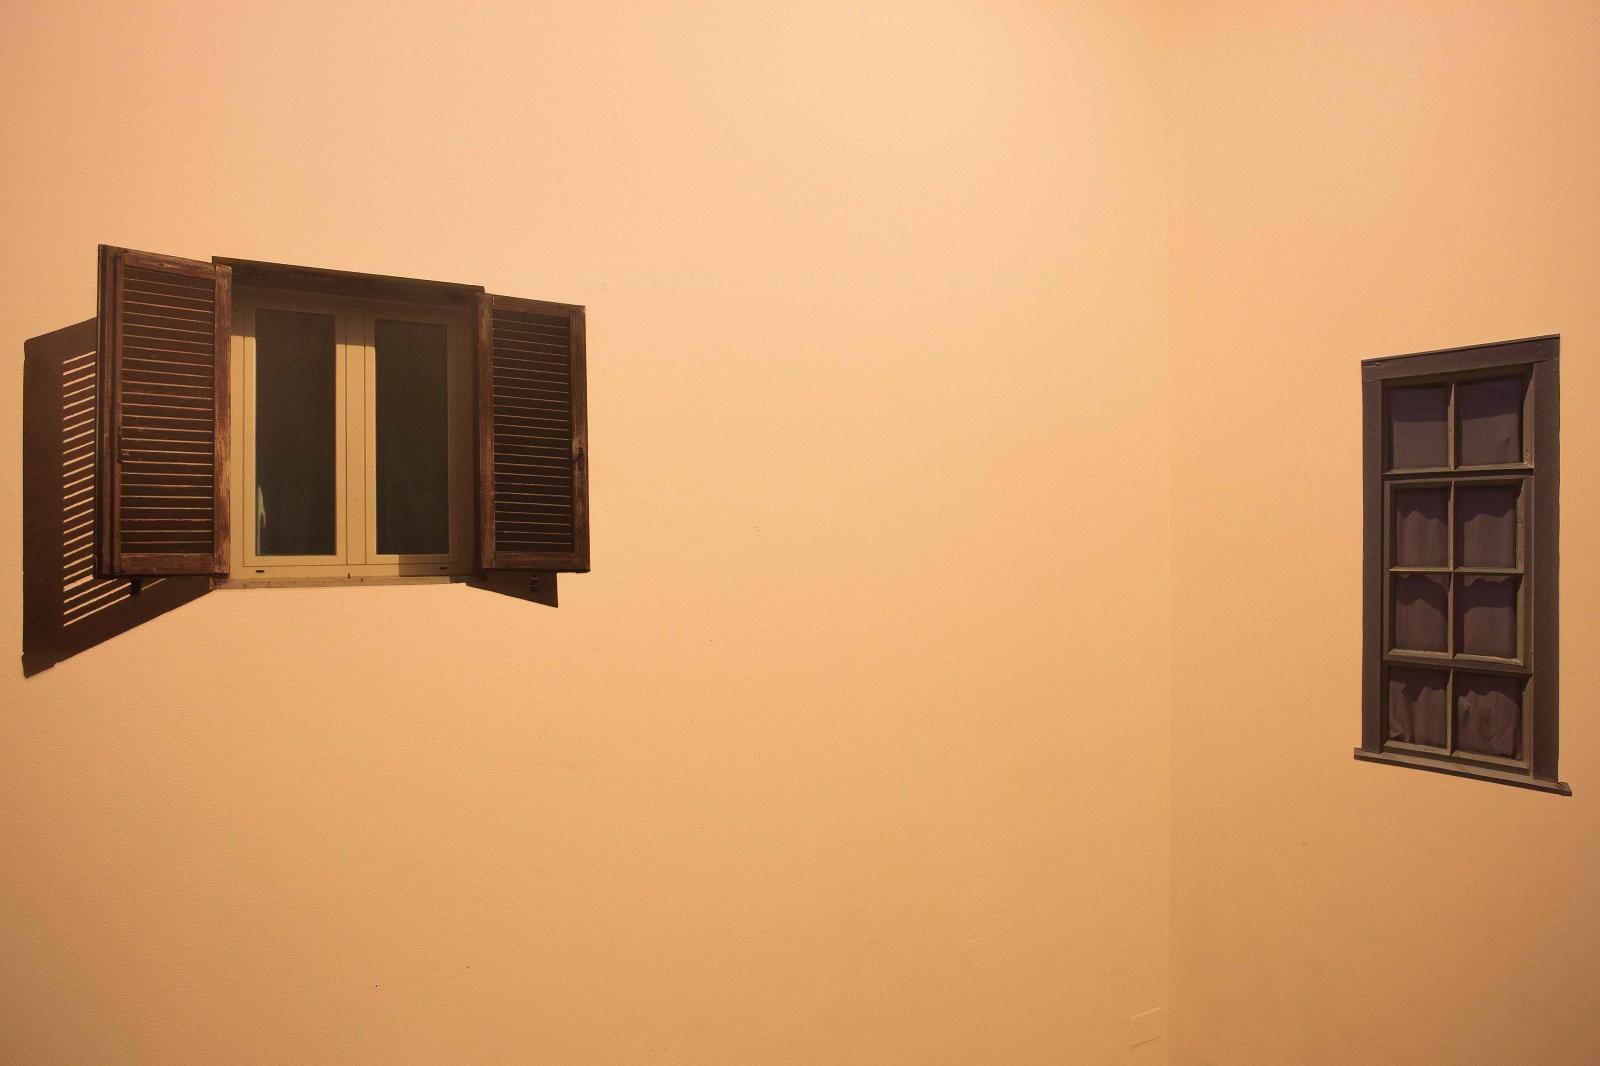 sbagliato-at-galleria-toselli-recap-05